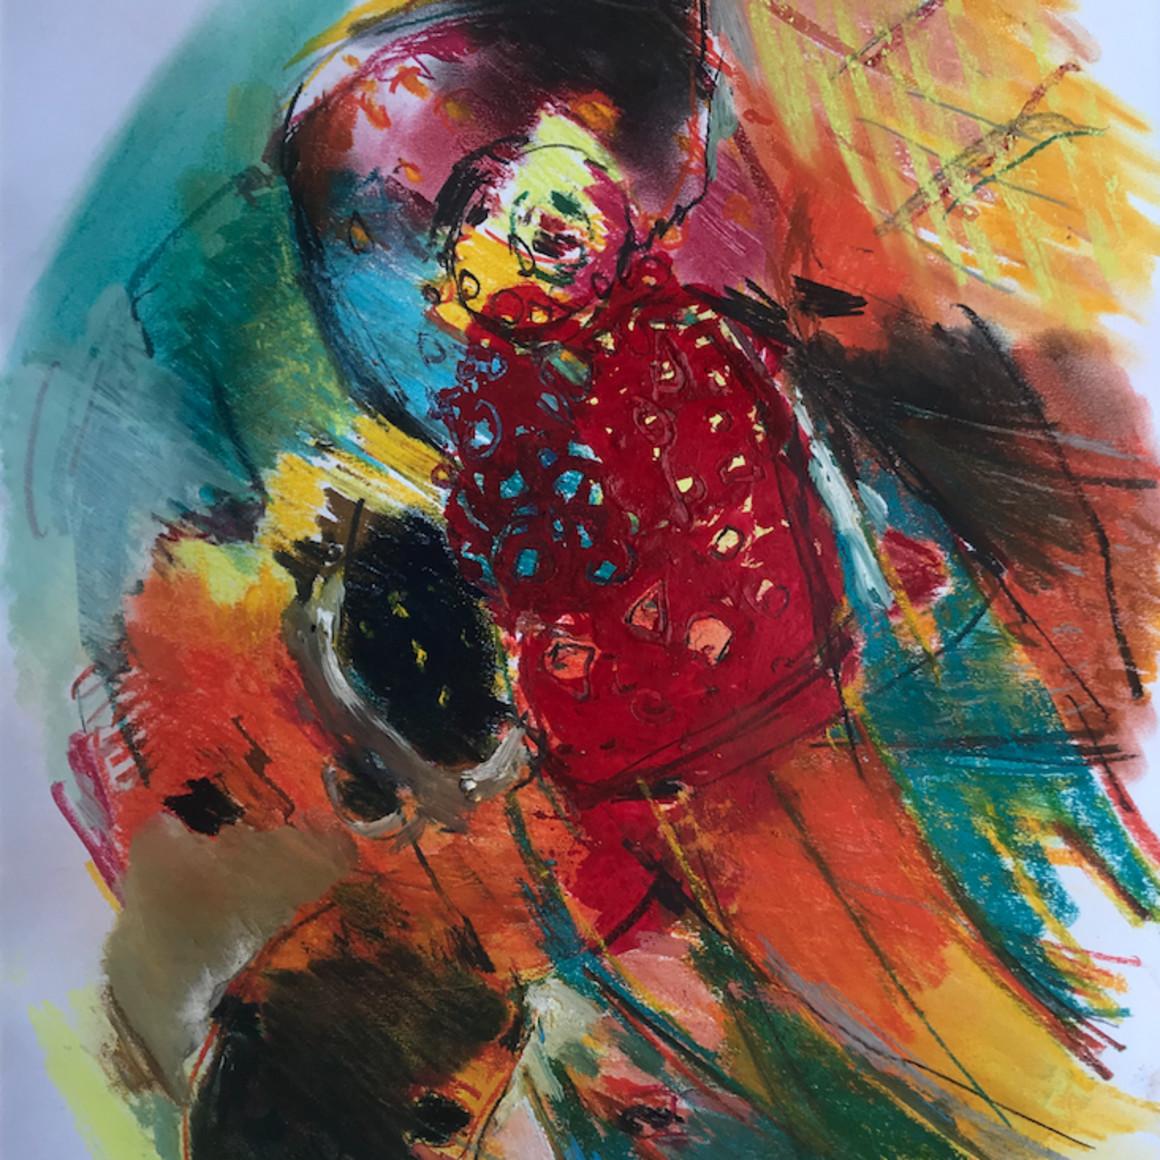 Moataz Nasr, Untitled, 2016